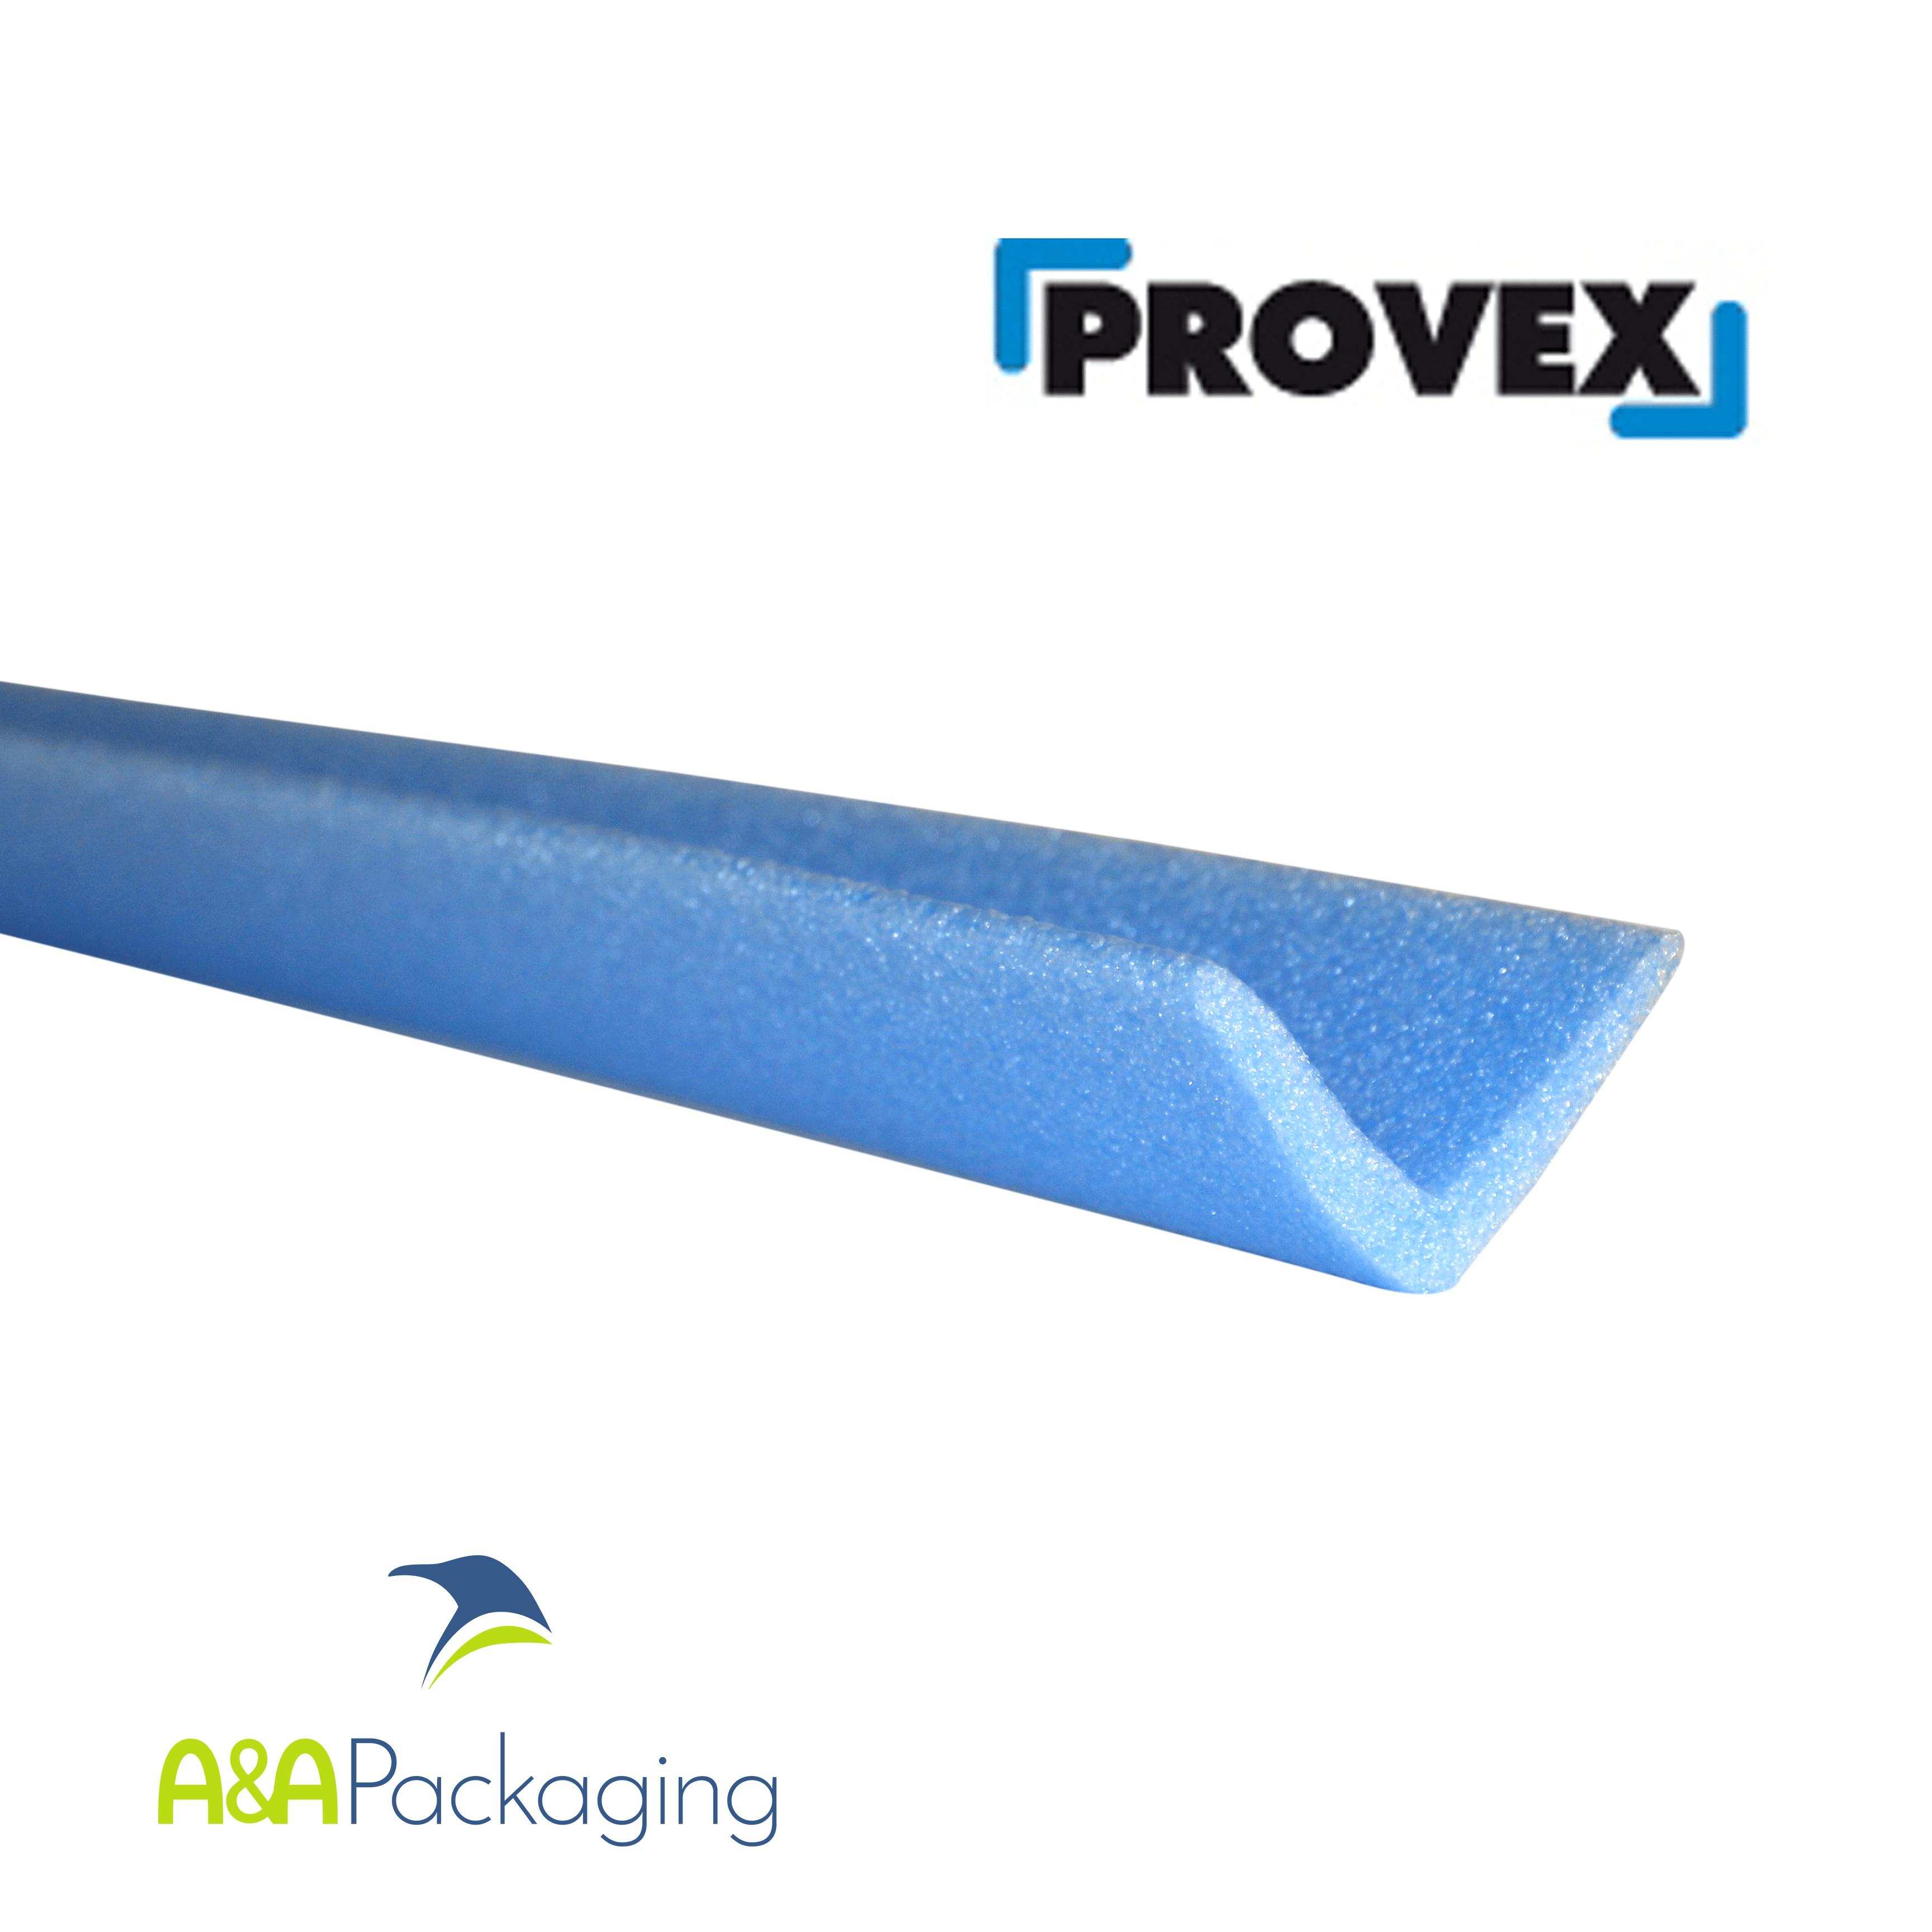 L Profile Foam Edge Protector Strips L75